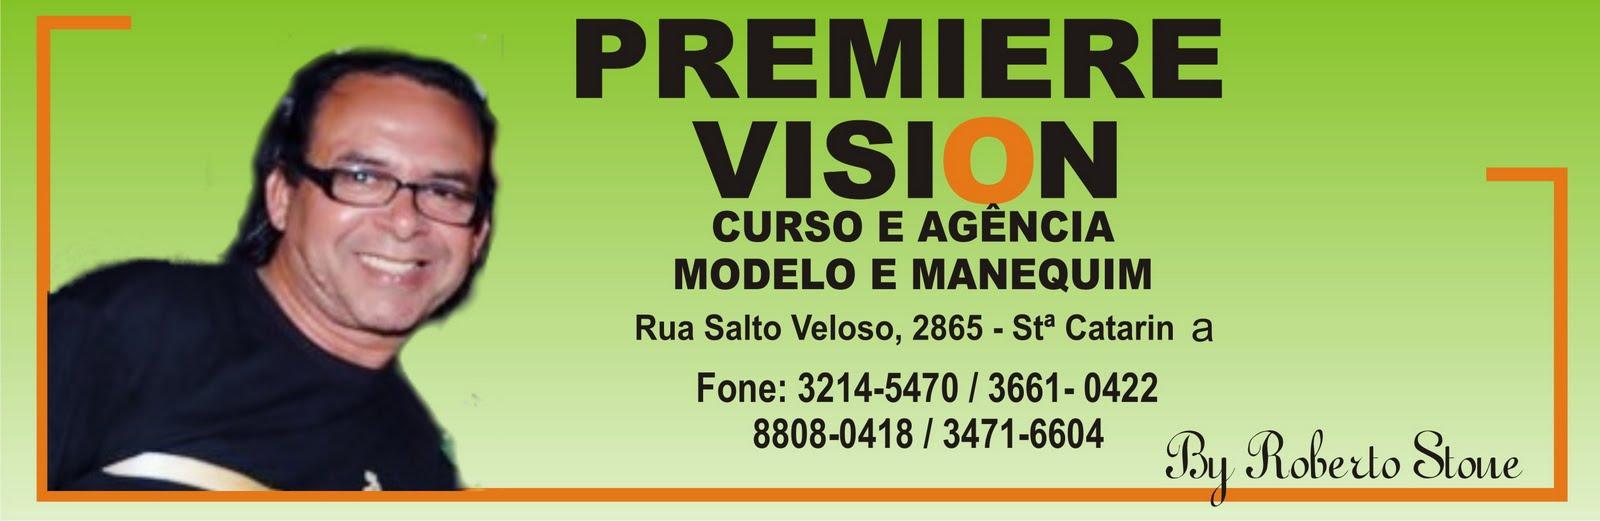 Curso e Agência Premiere Vision